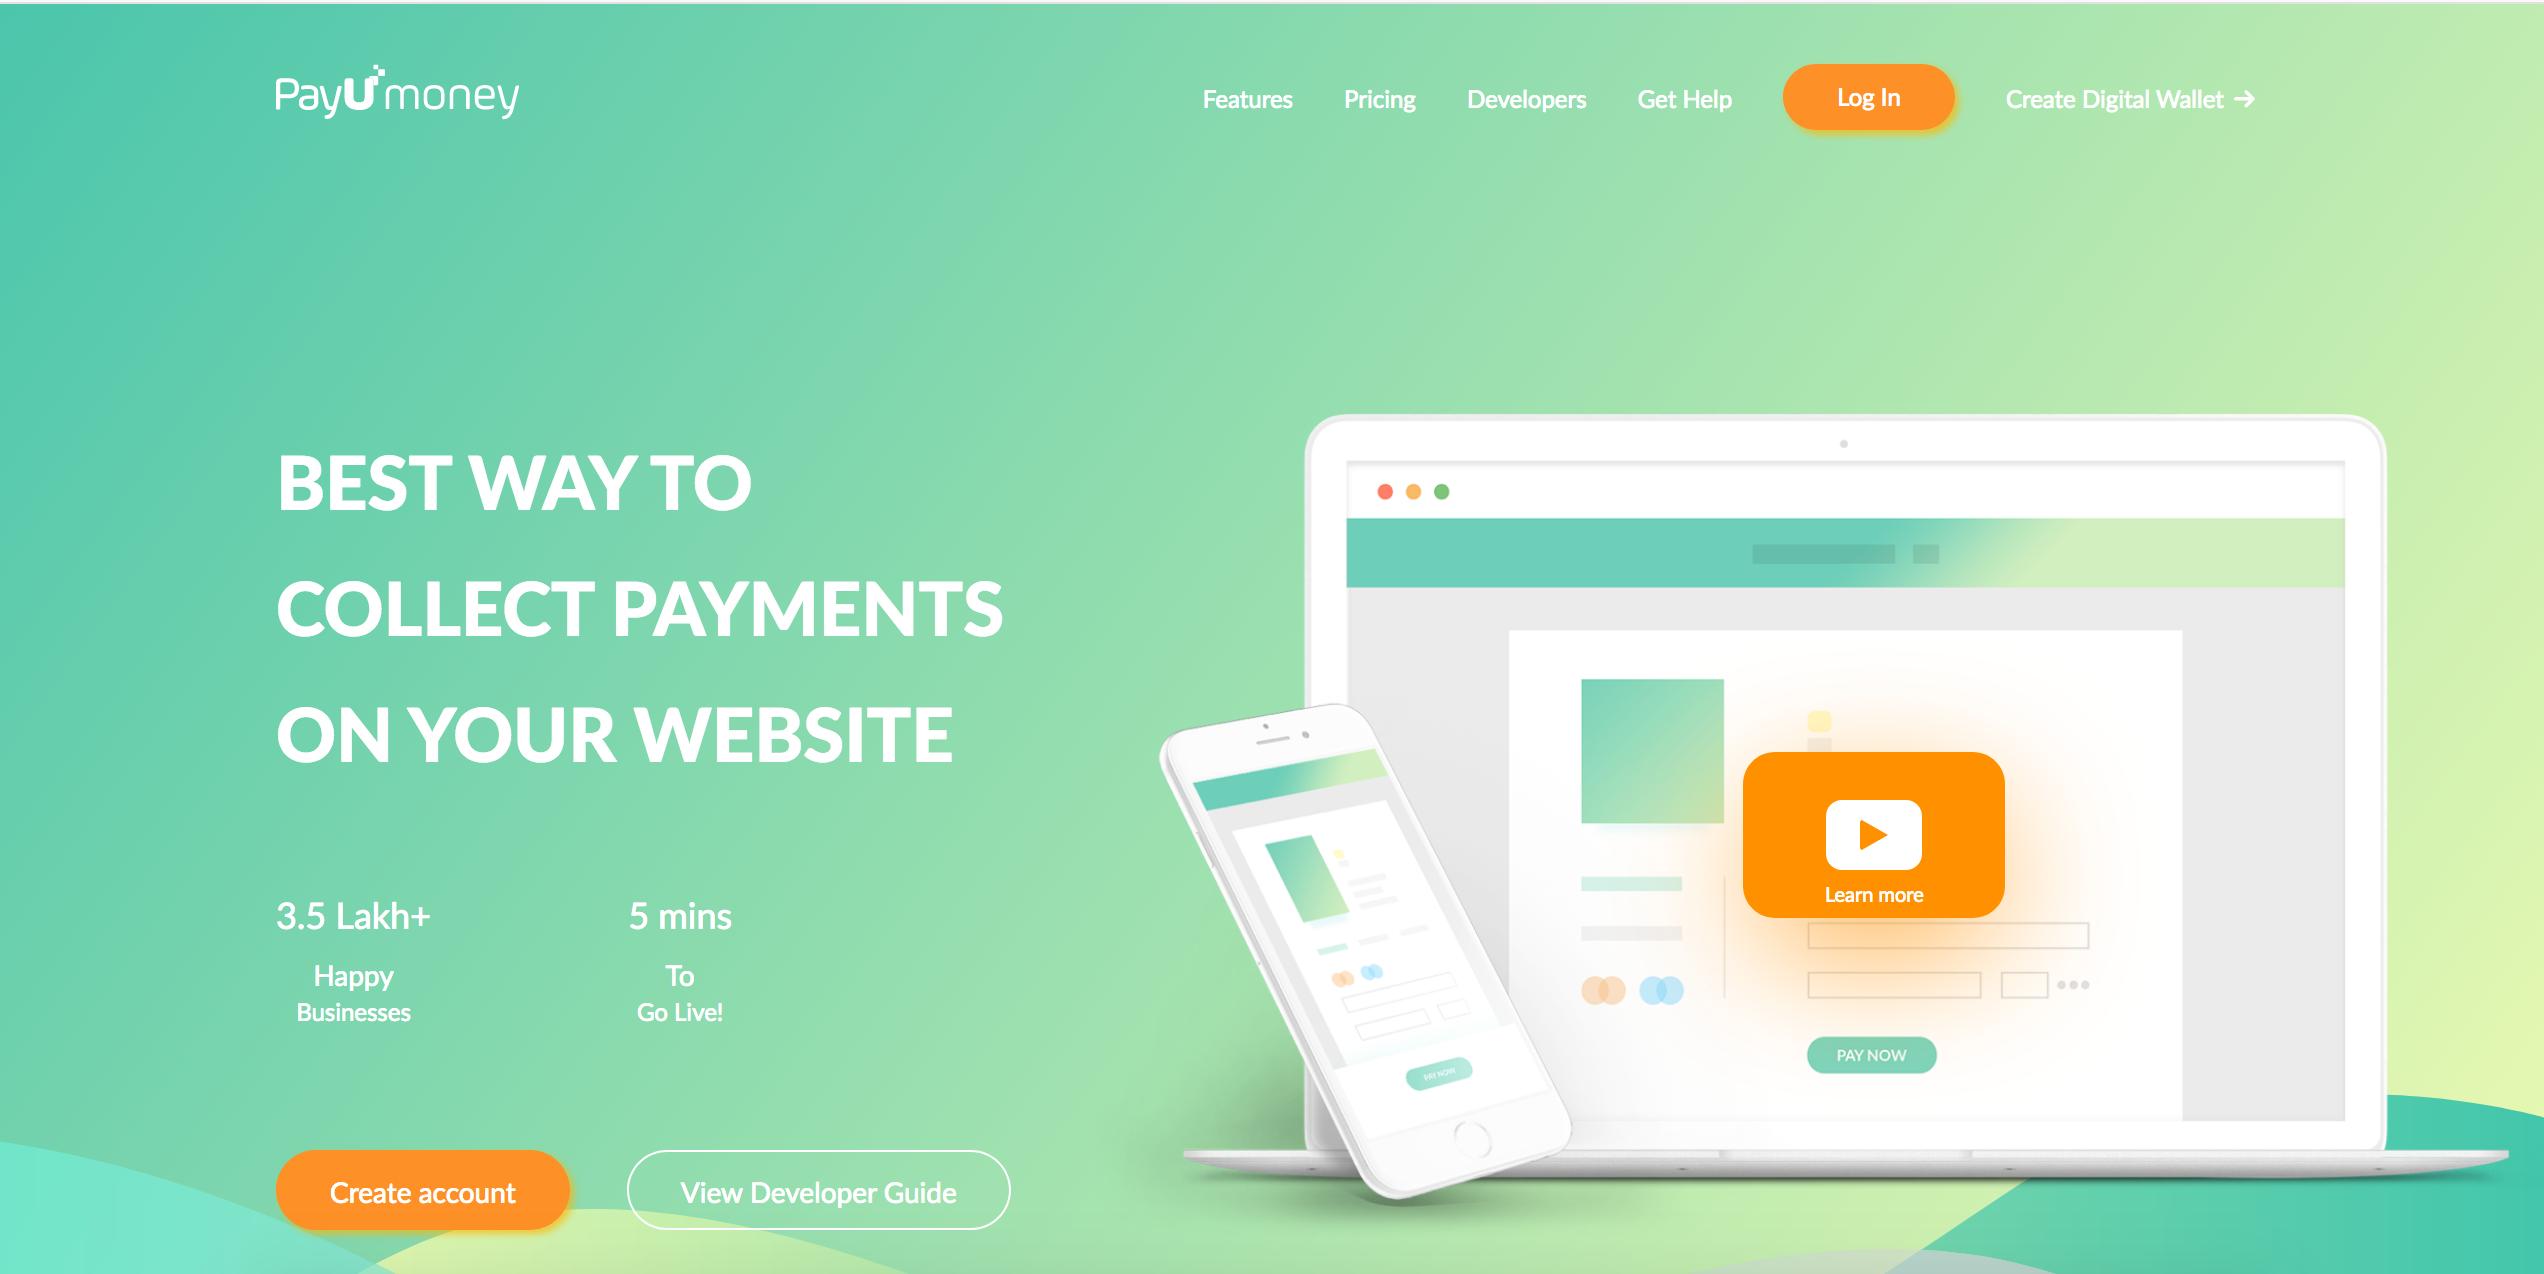 Getting Started | PayUmoney FAQ